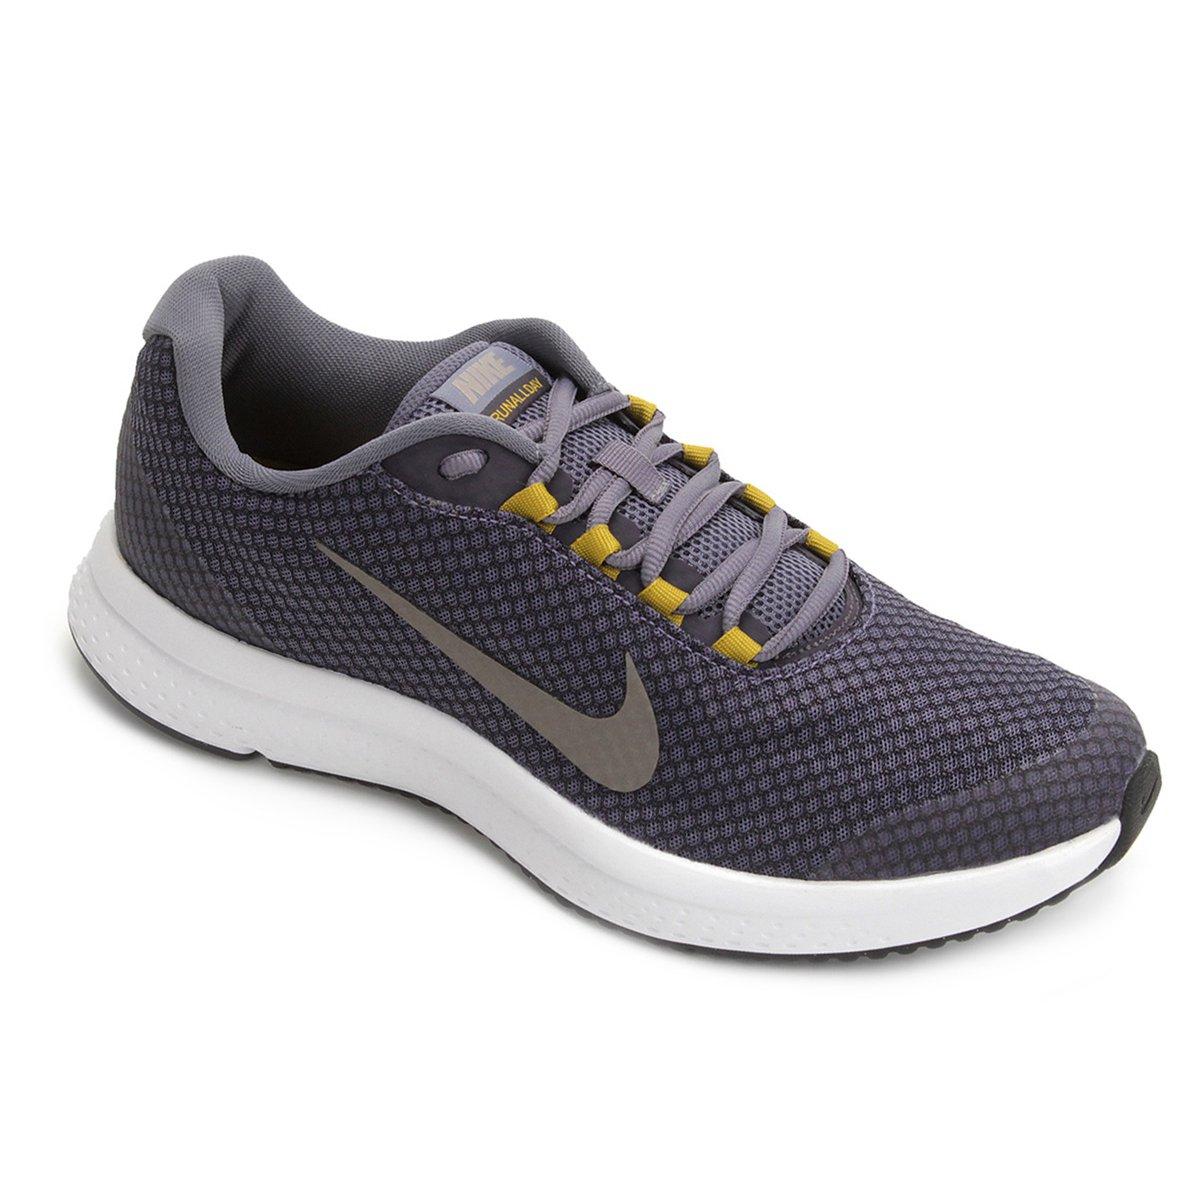 Tênis Nike Runallday Masculino - Azul e Cinza - Compre Agora  ccf151c5975